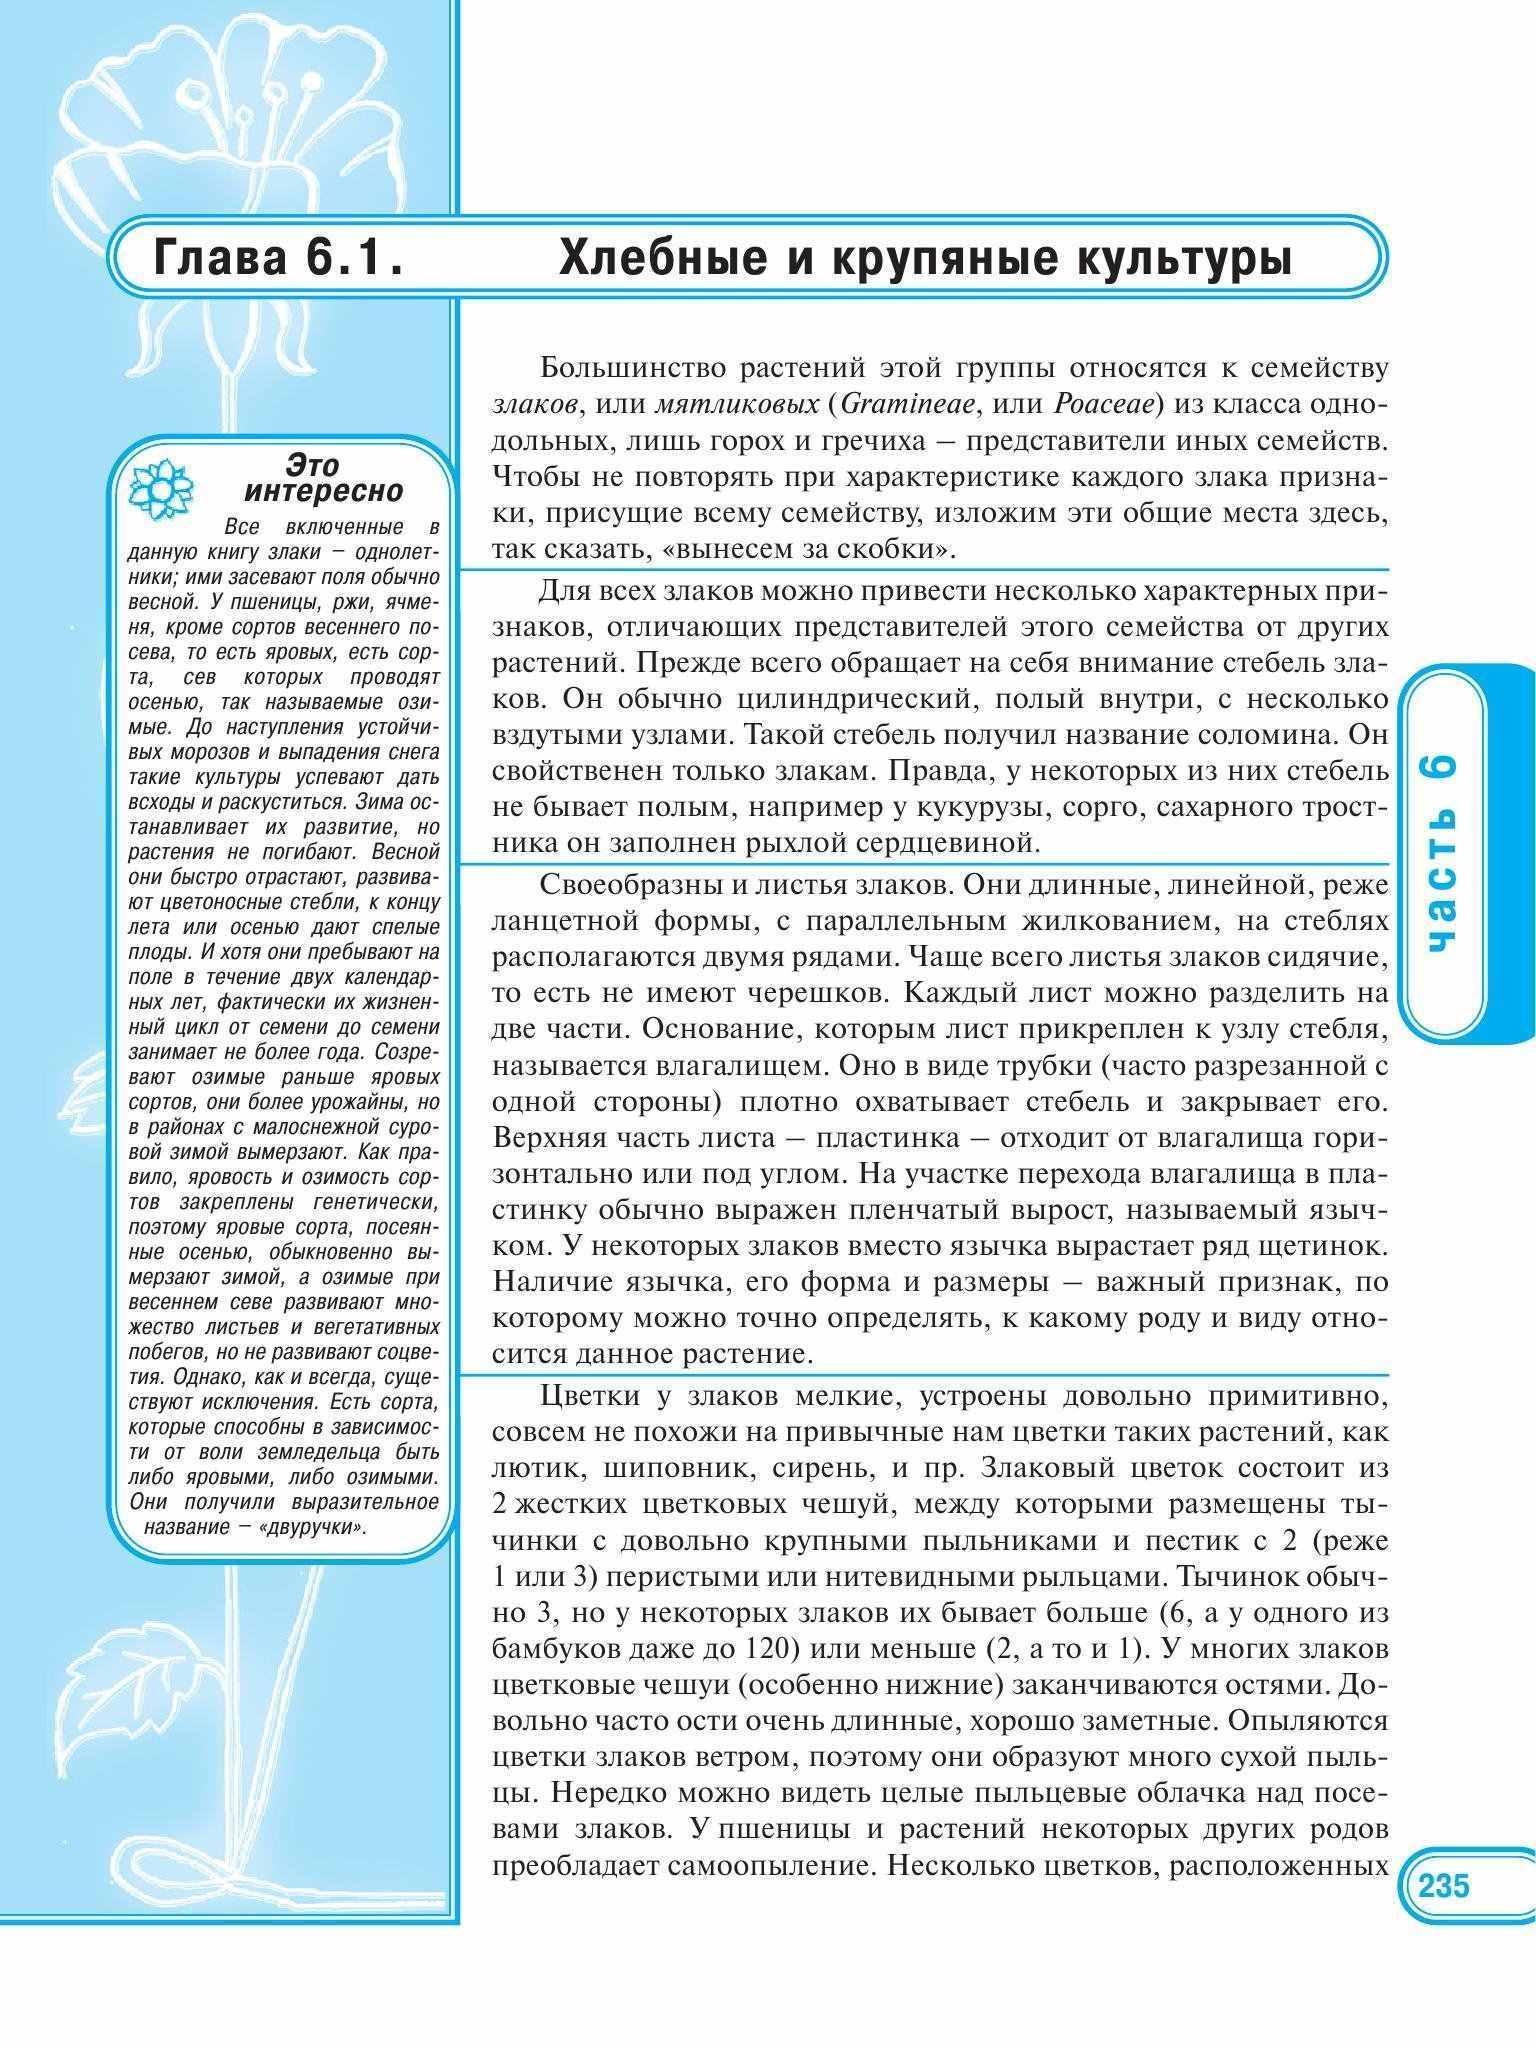 Геннадий Непокойчицкий (ред.) | Большая энциклопедия. Лекарственные растения в народной медицине | PDF